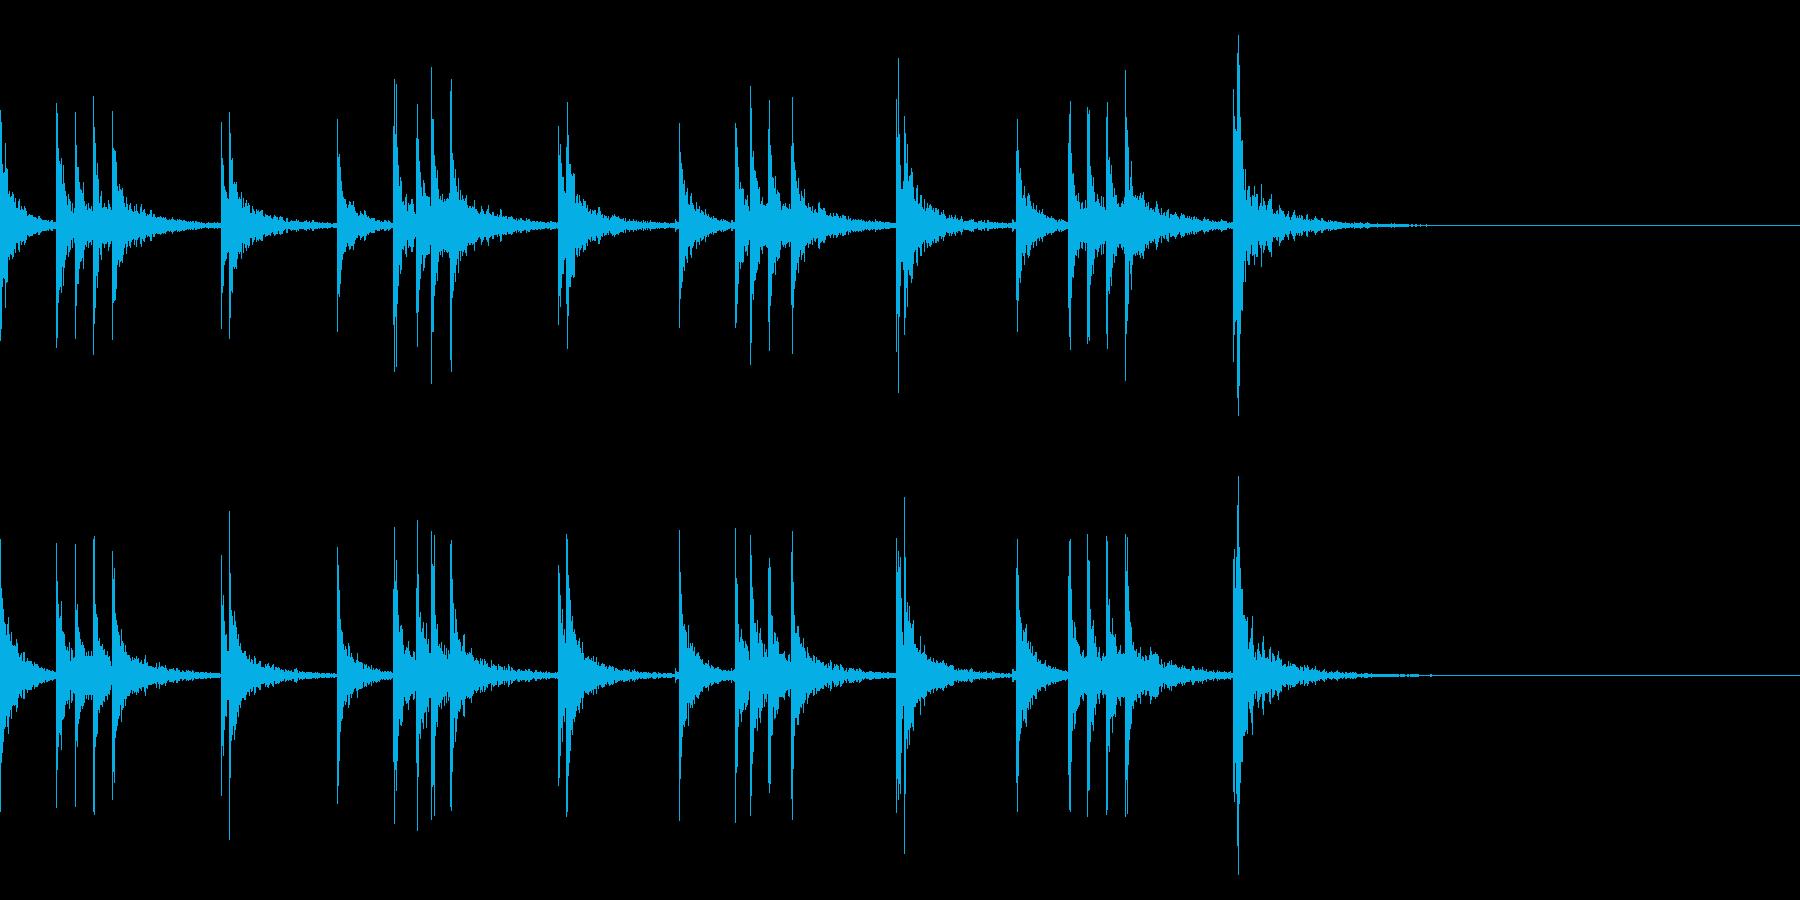 カスタネット!フレーズ1 エフェクト有の再生済みの波形